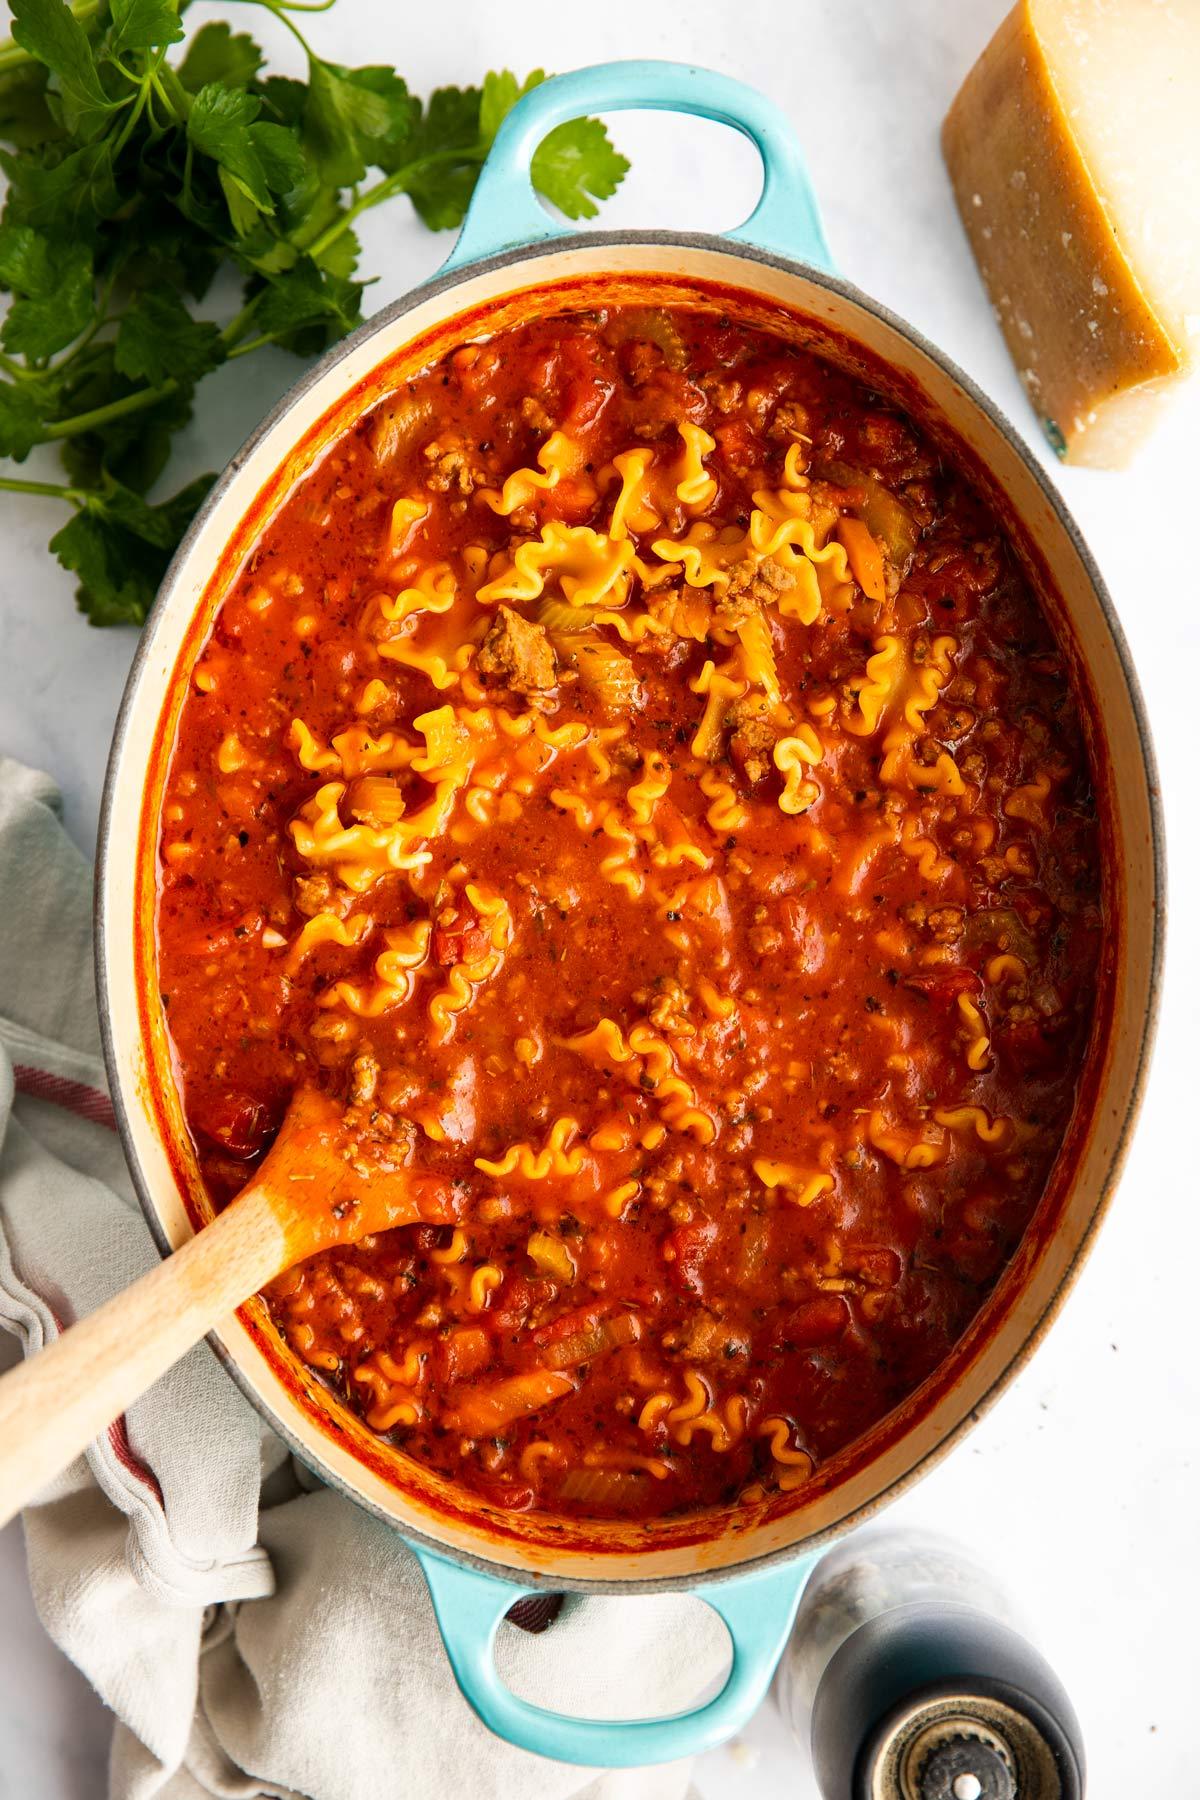 Topf mit Lasagnesuppe von Oben